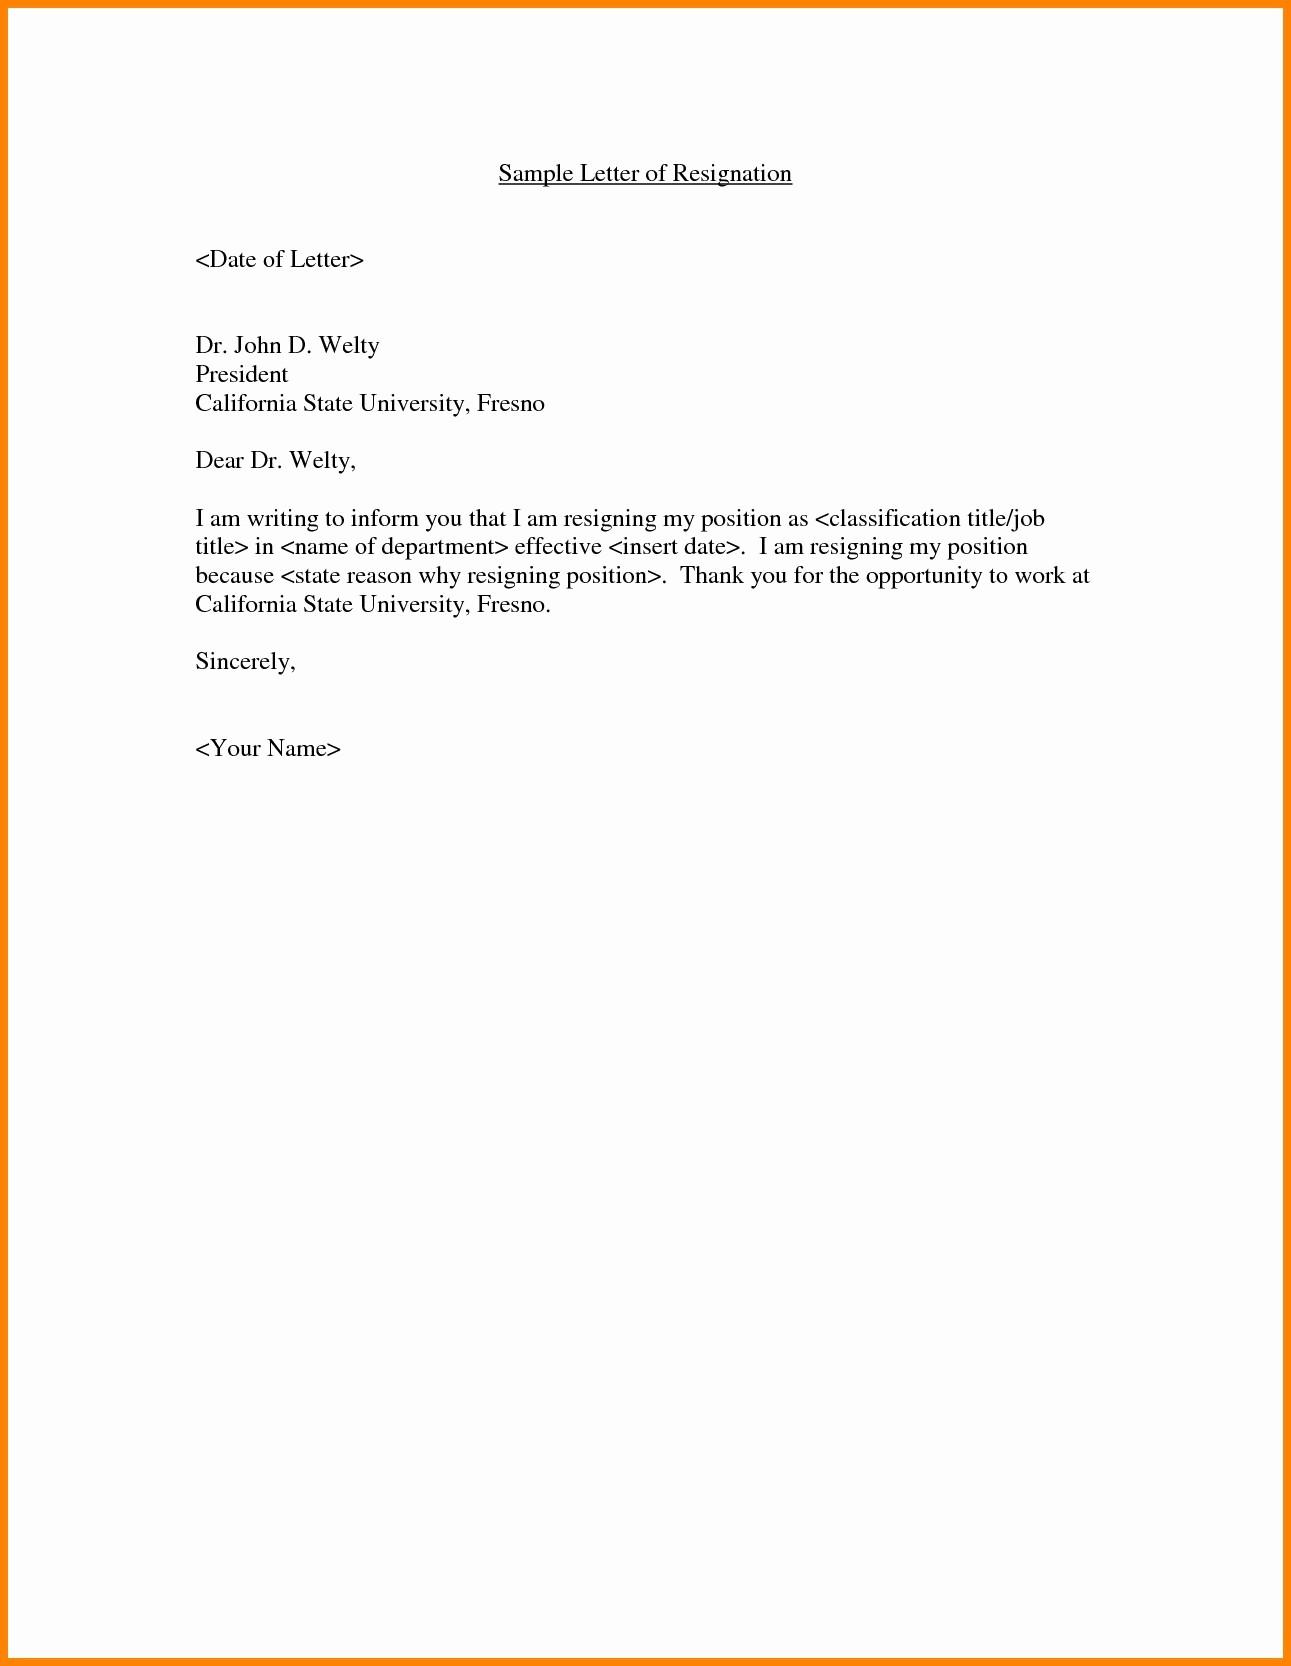 Resignation Letter Template Word Doc Lovely Standard Resignation Letter Template Word Examples